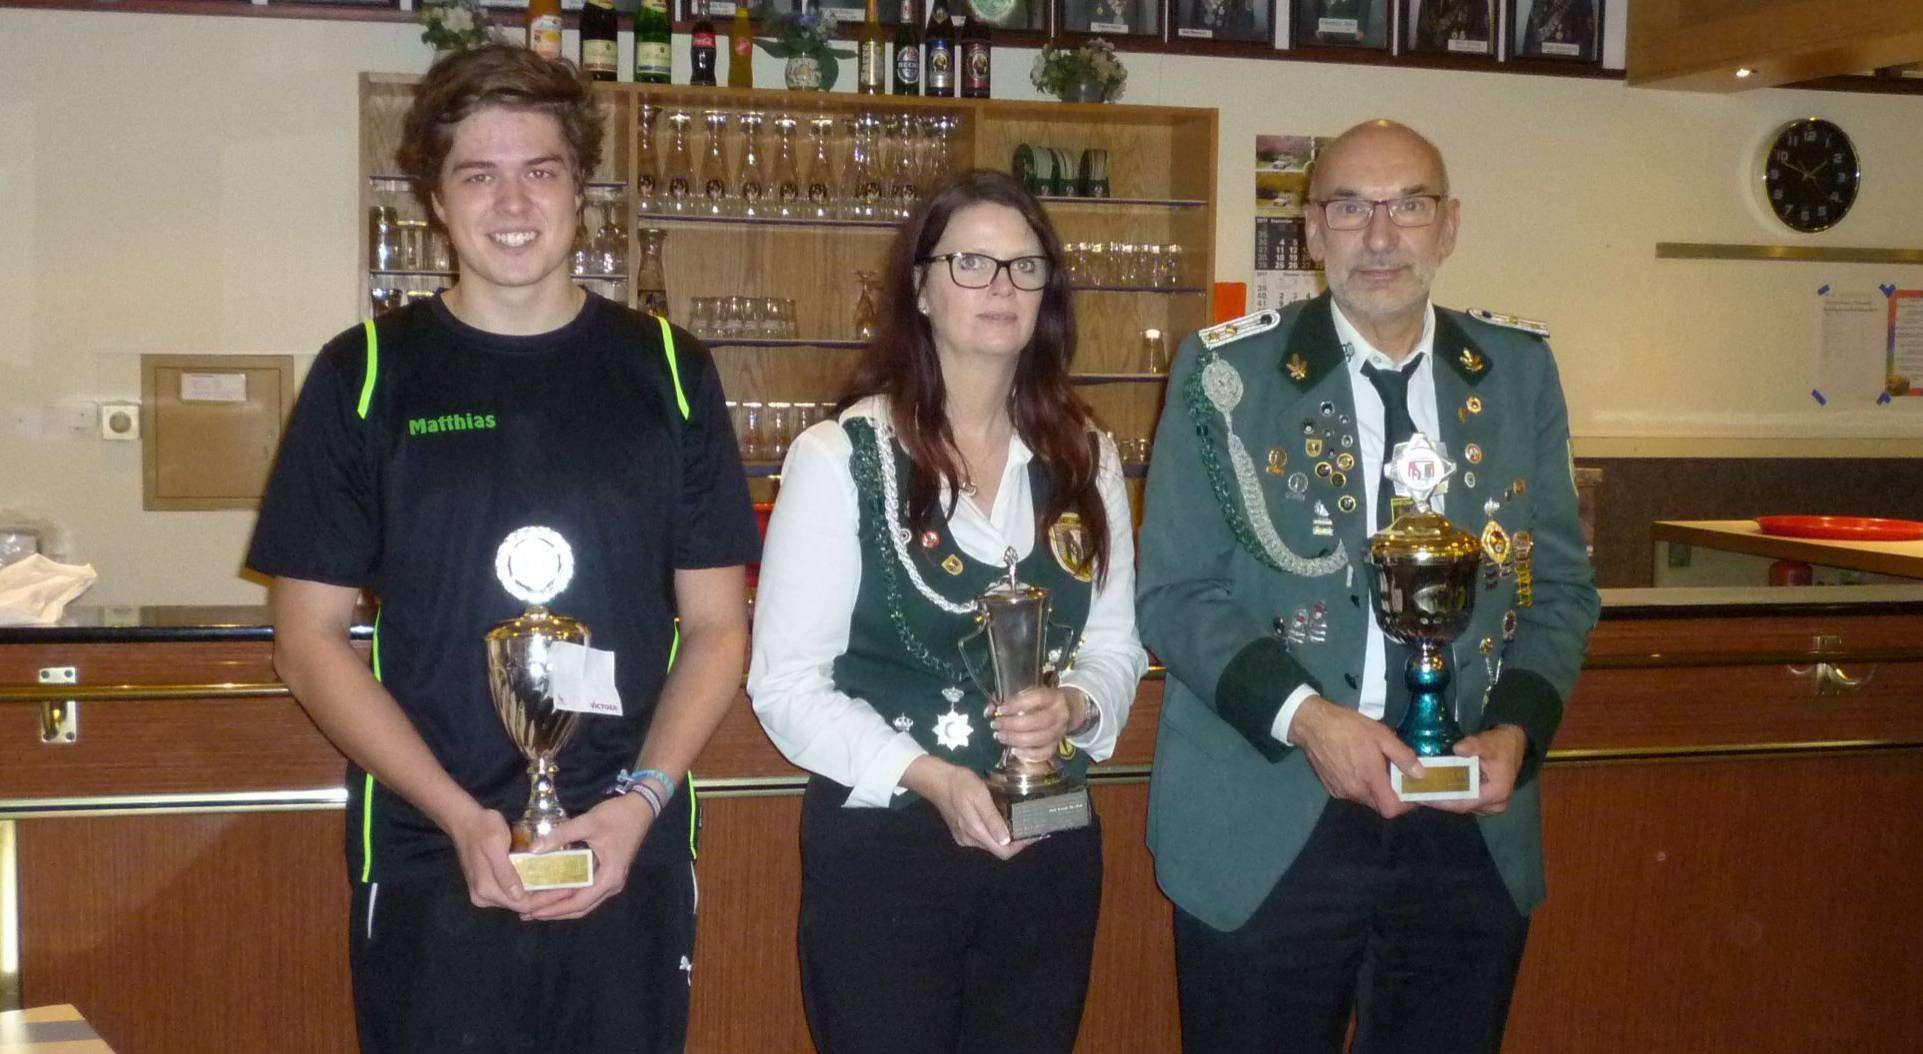 Mitglieder des Jahres beim SV Mühlentor (von links): Matthias Potrafke, Sonja Häfker und Rudi Meyer.